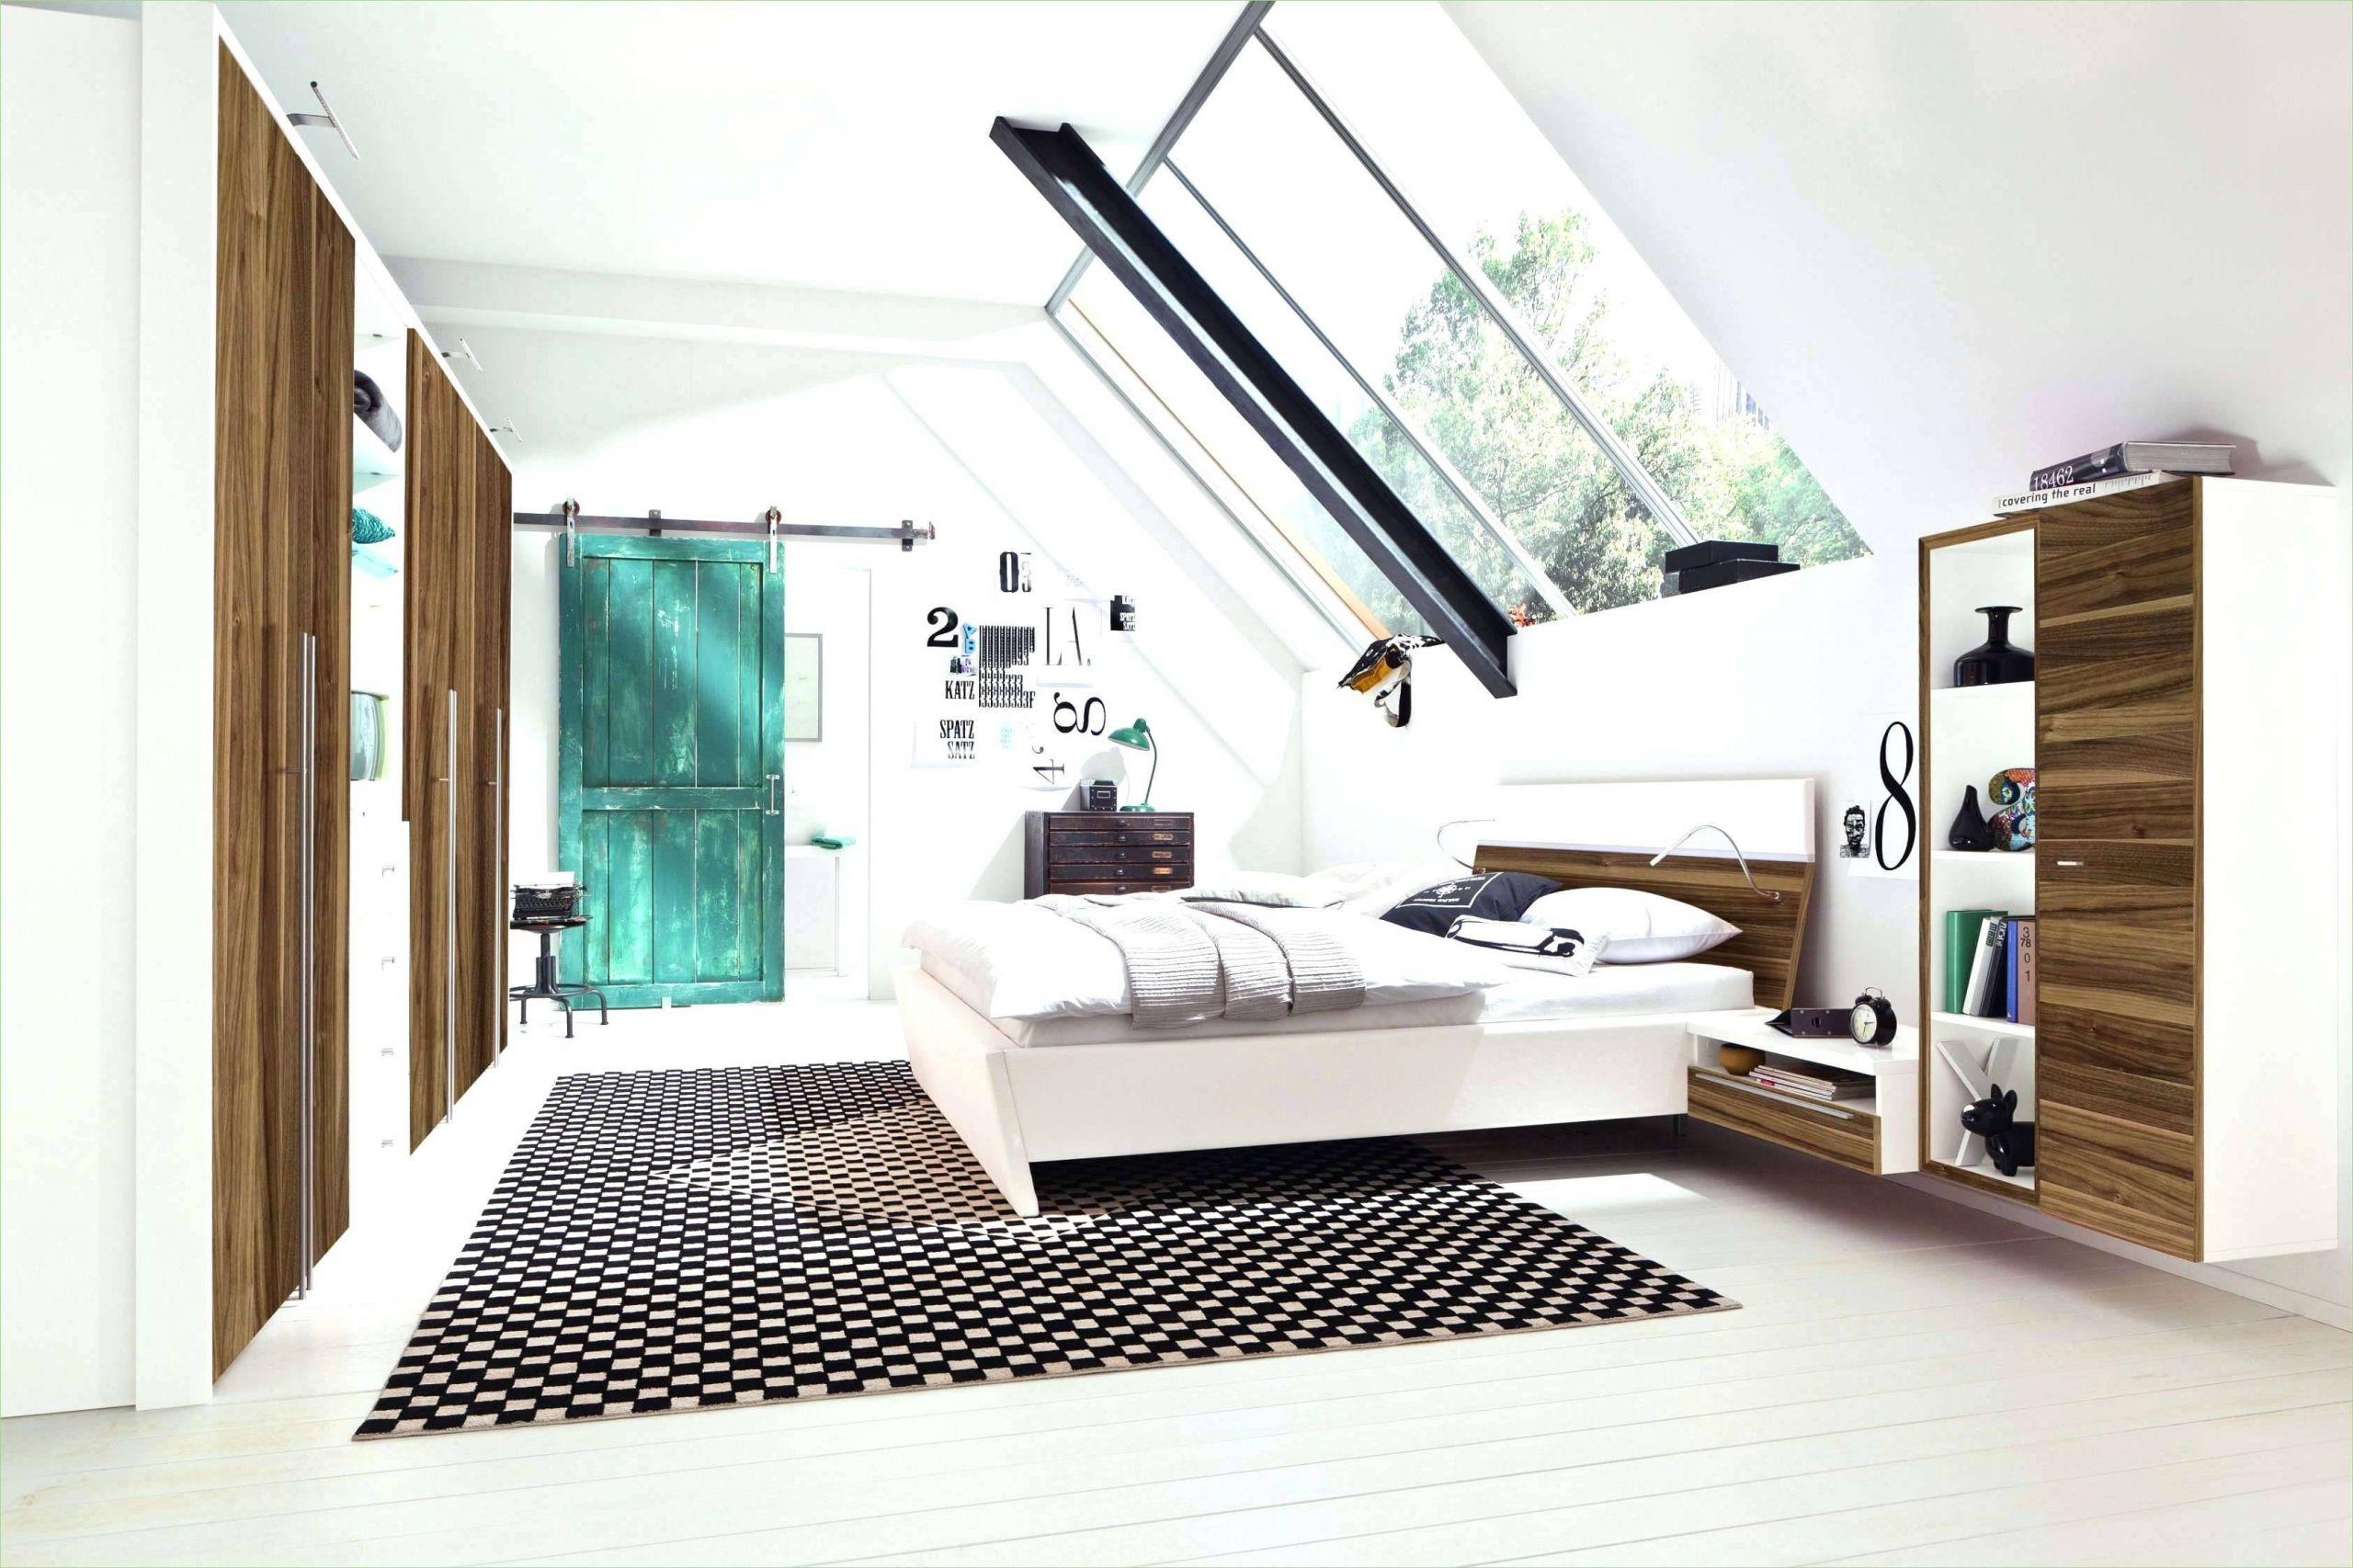 deko ideen selbermachen wohnzimmer lovely garten deko ideen selbermachen neu 37 elegant wohnzimmer ideen of deko ideen selbermachen wohnzimmer